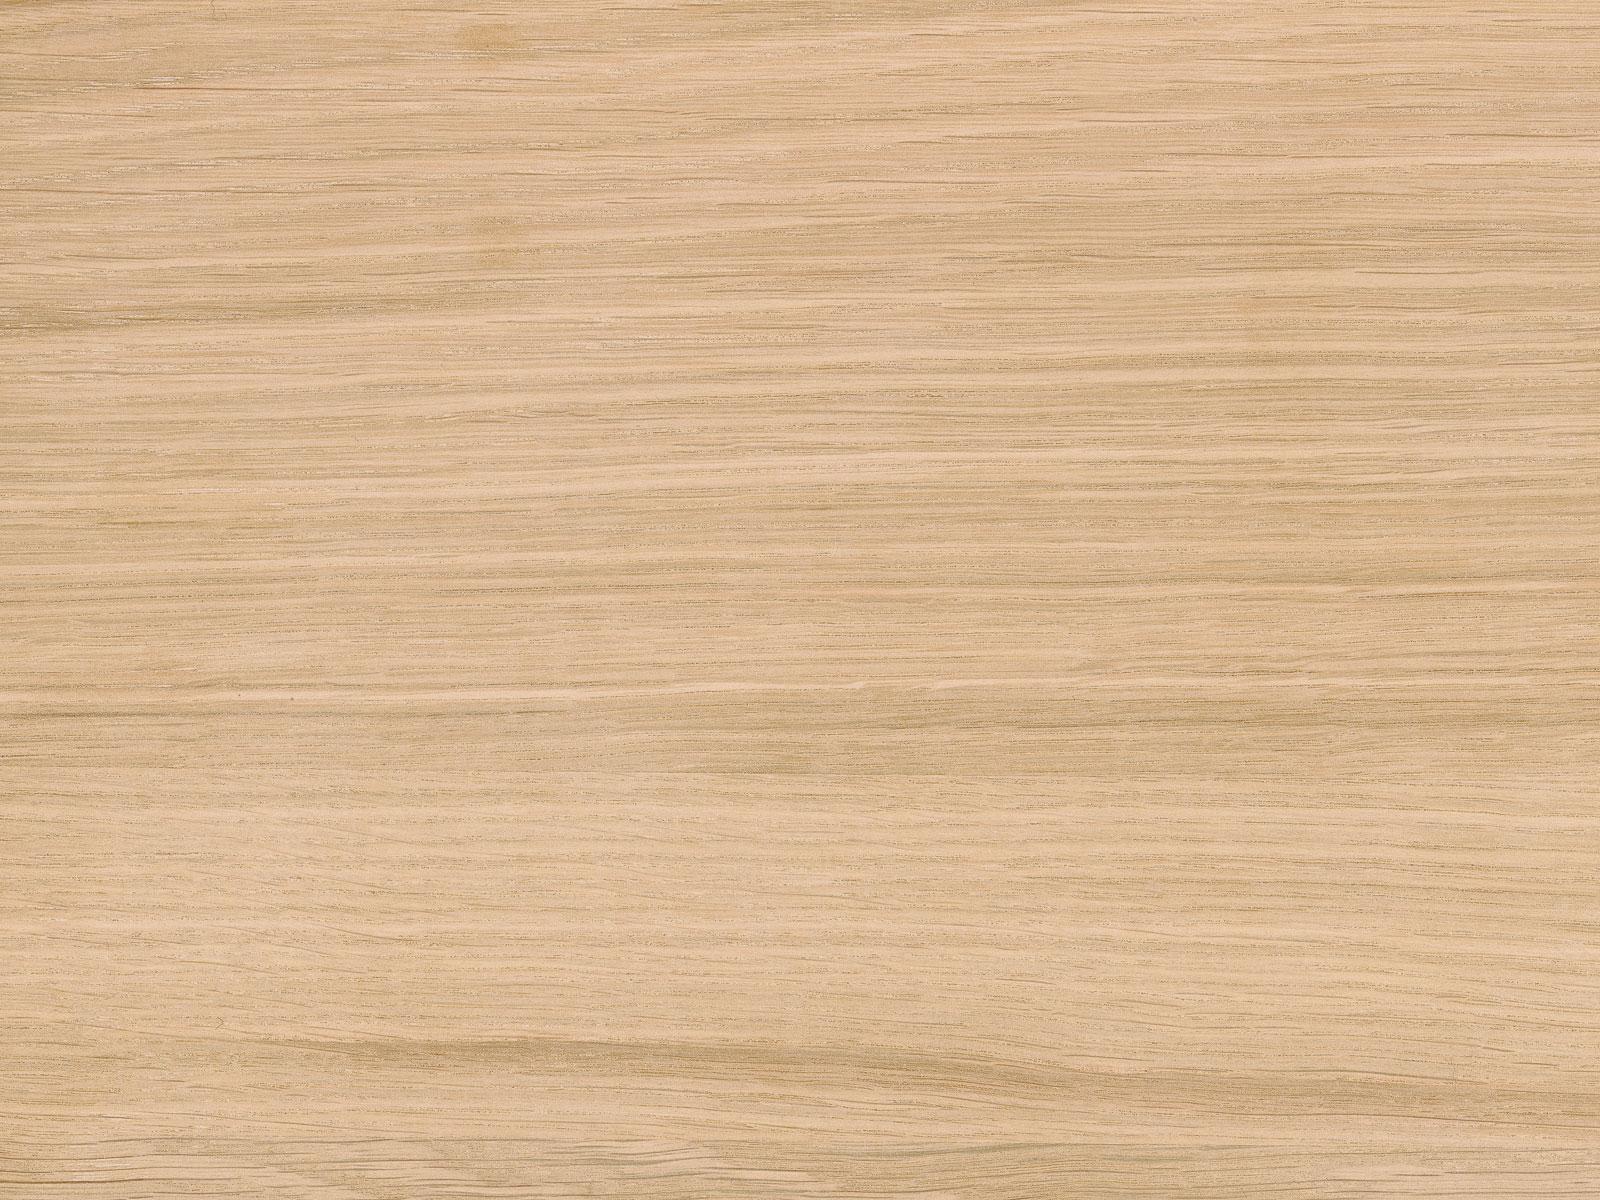 T?ren Eiche Hell Furniert : Esstisch rund 100 oder 120 cm Durchmesser